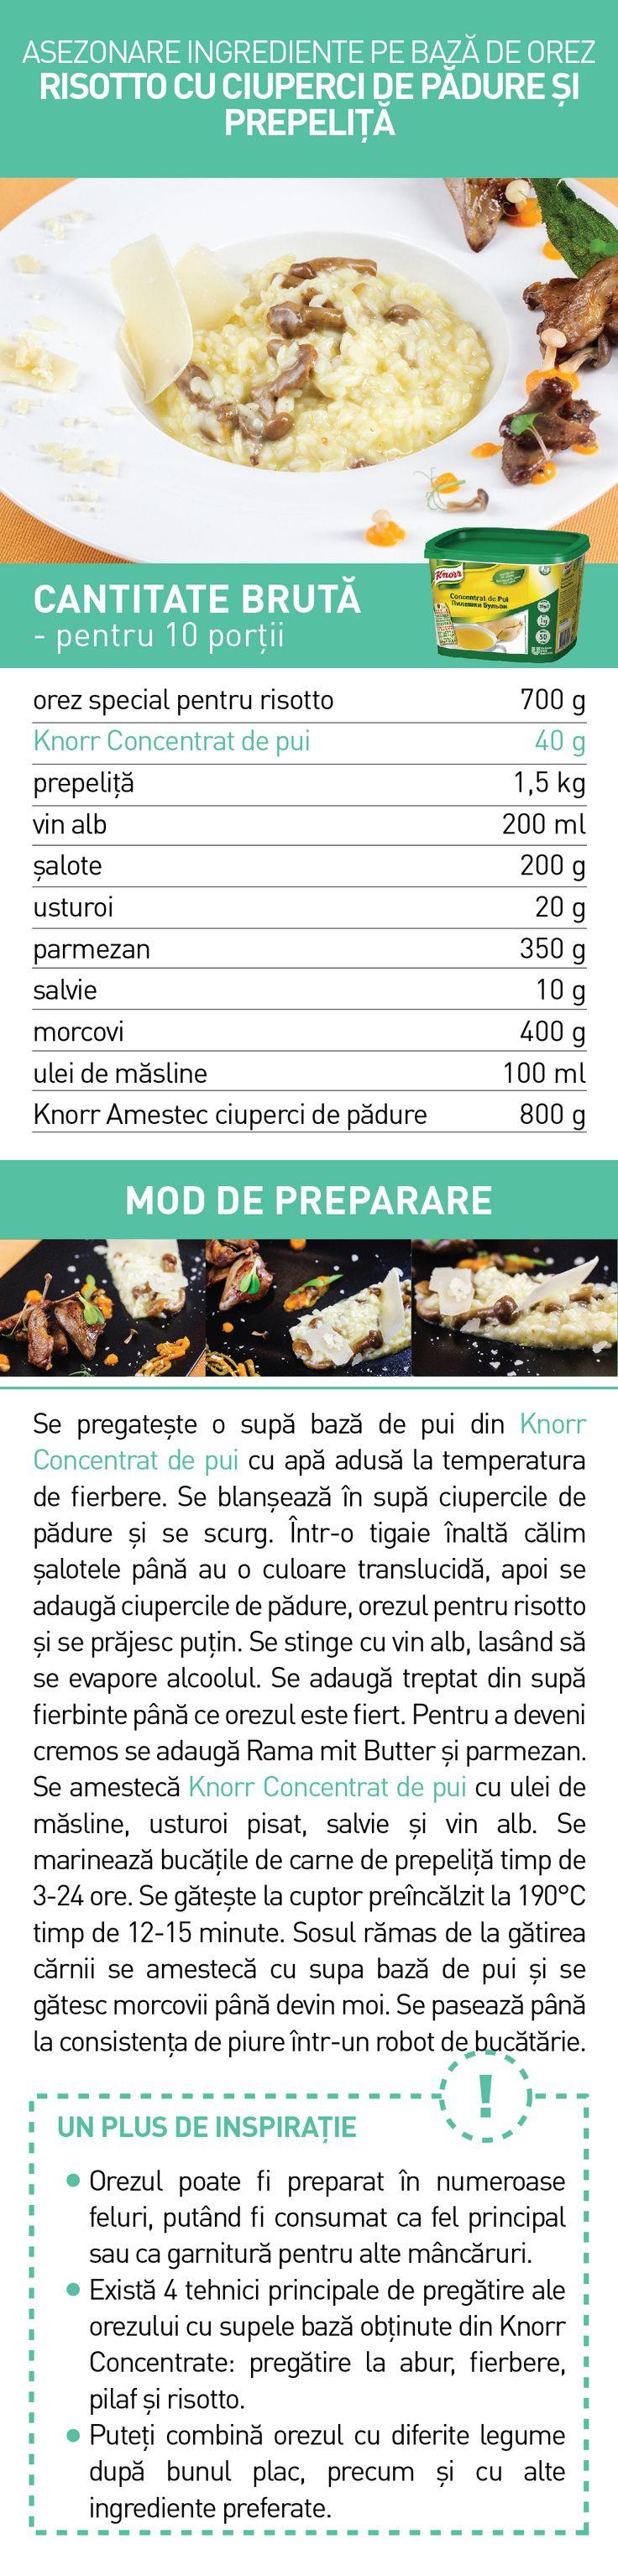 Asezonare ingrediente pe baza de orez  (II) - RETETE